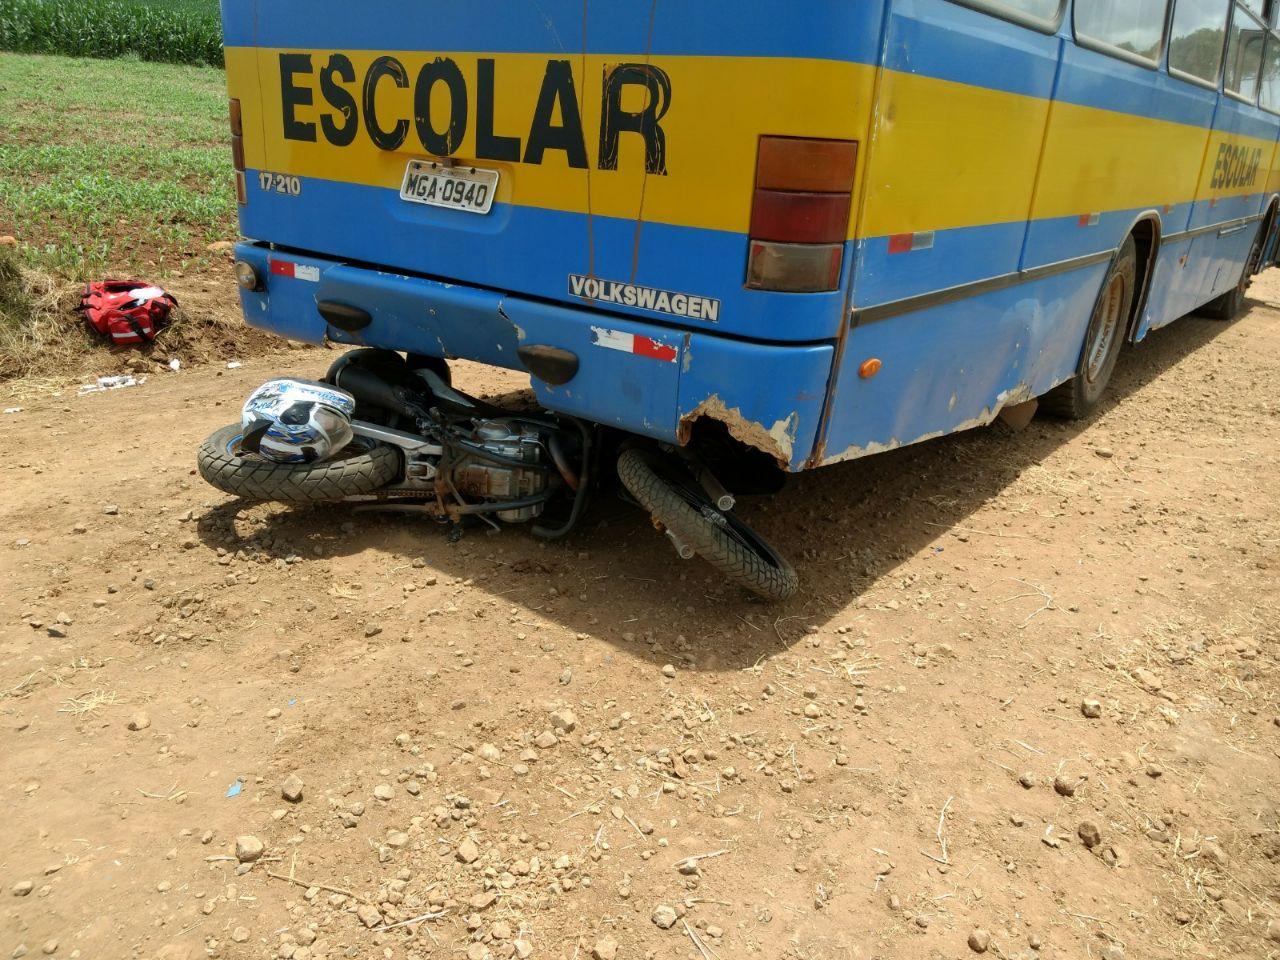 Motociclista fica ferido ao colidir na traseira de ônibus